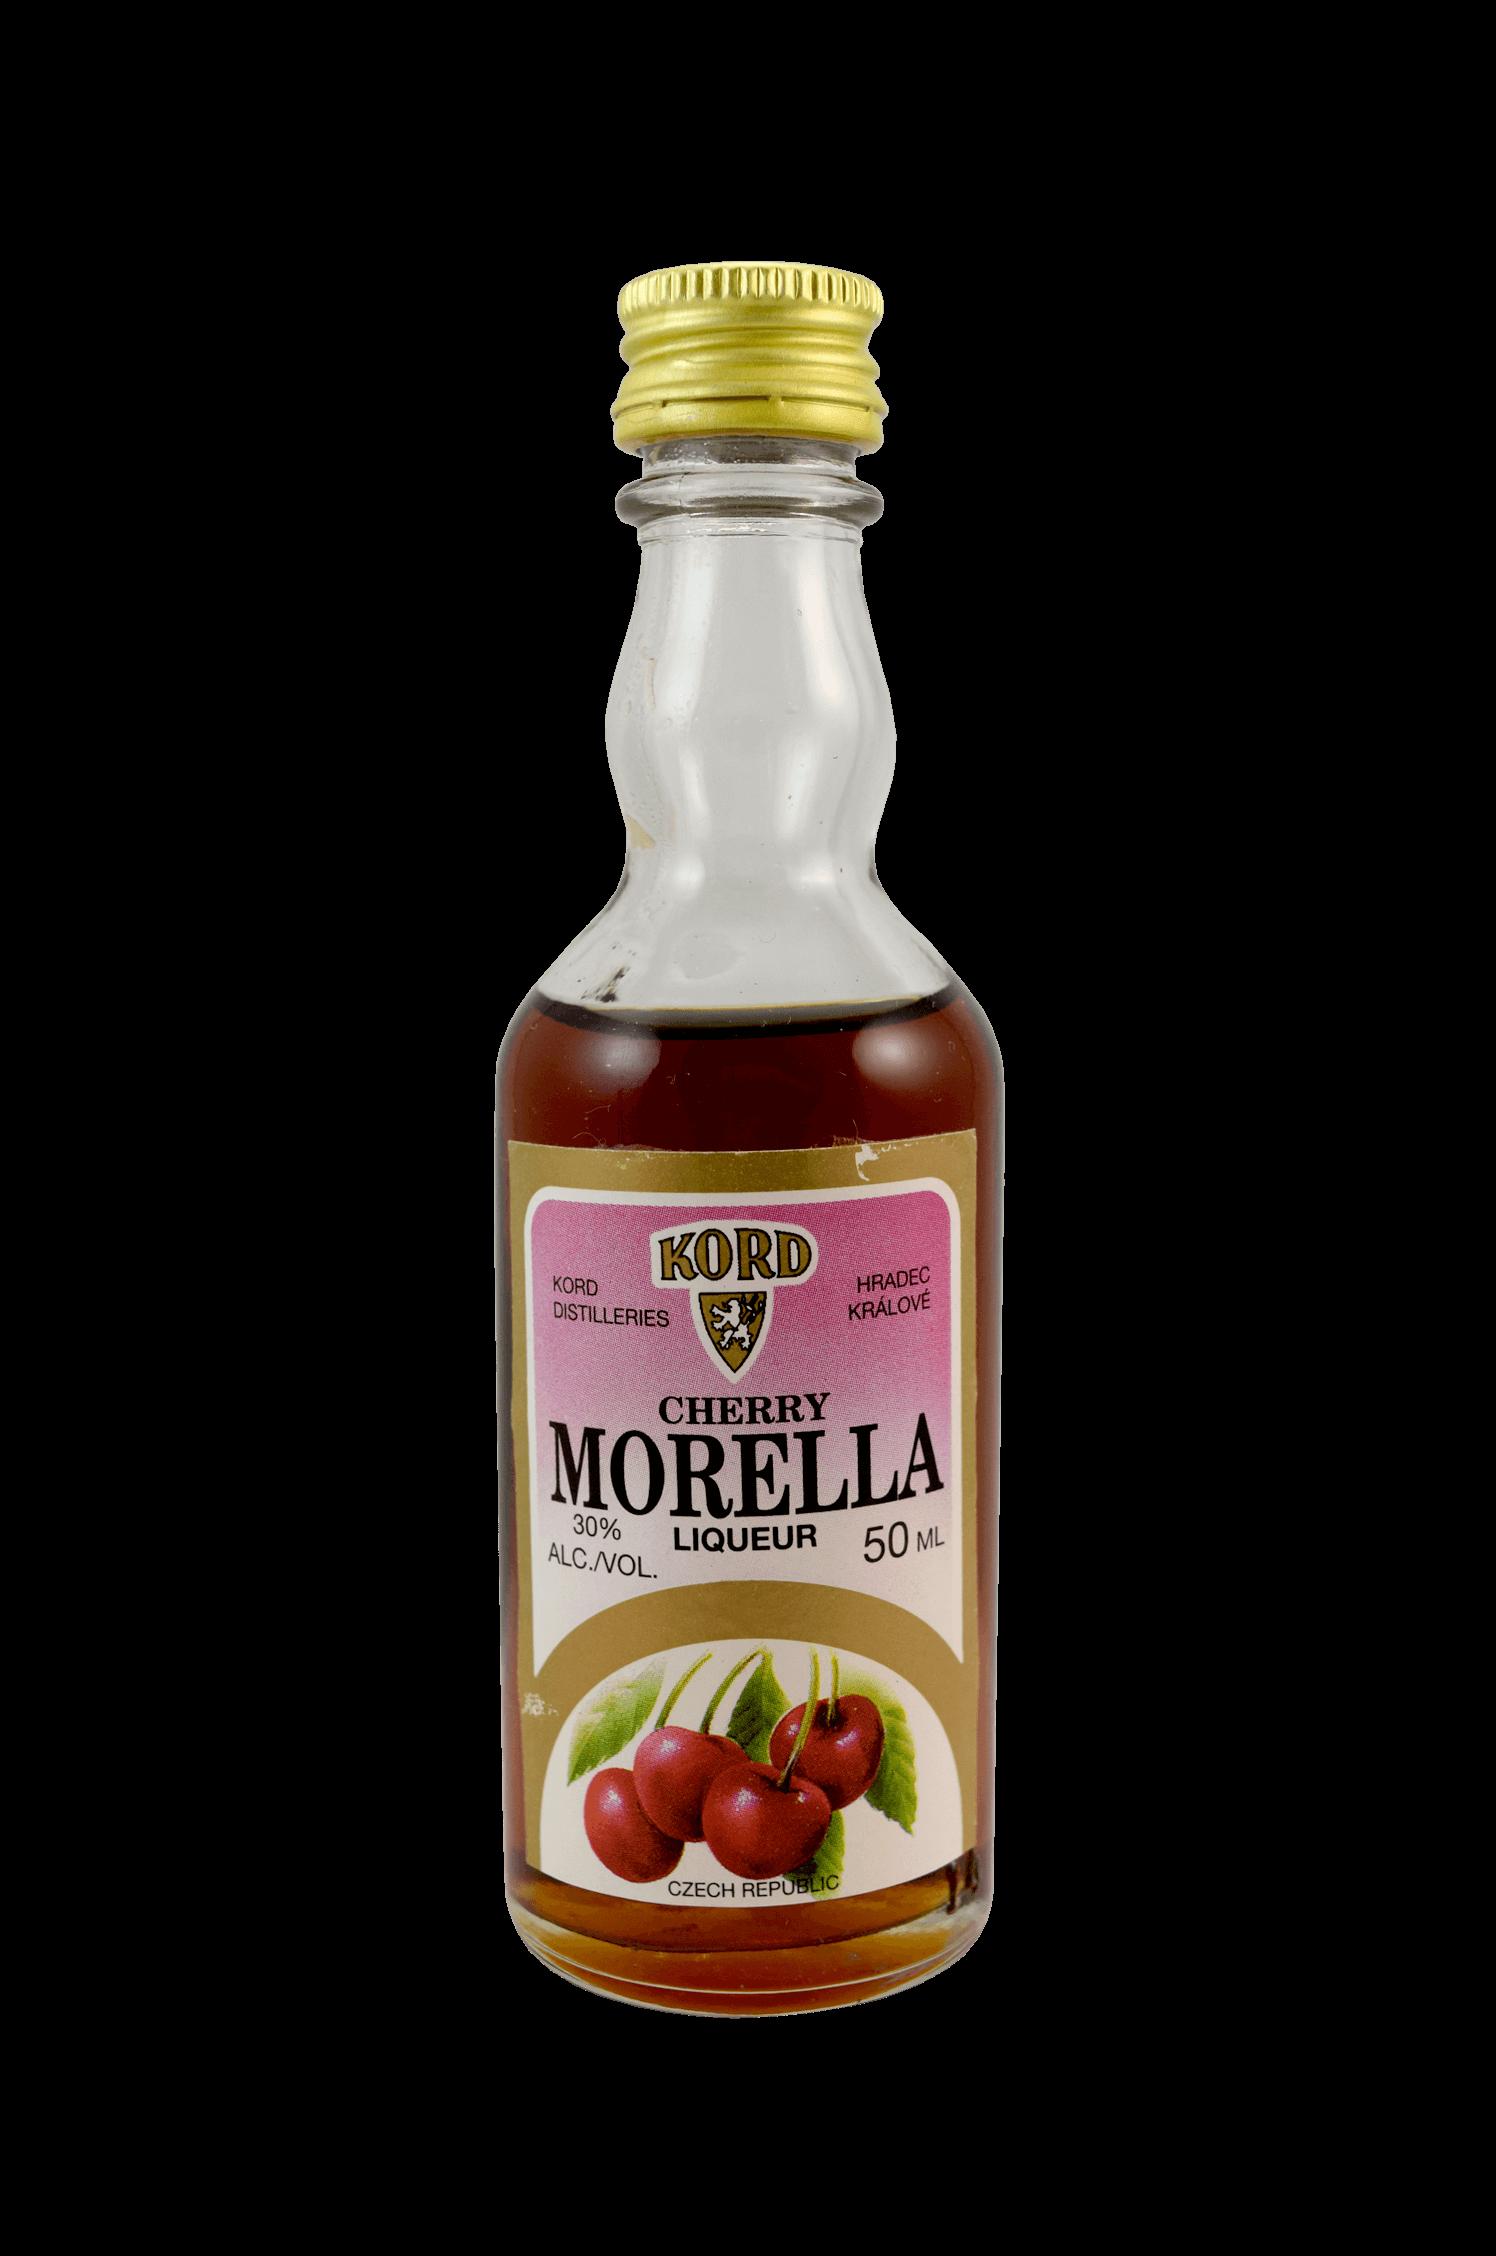 Kord Cherry Morella Liqueur